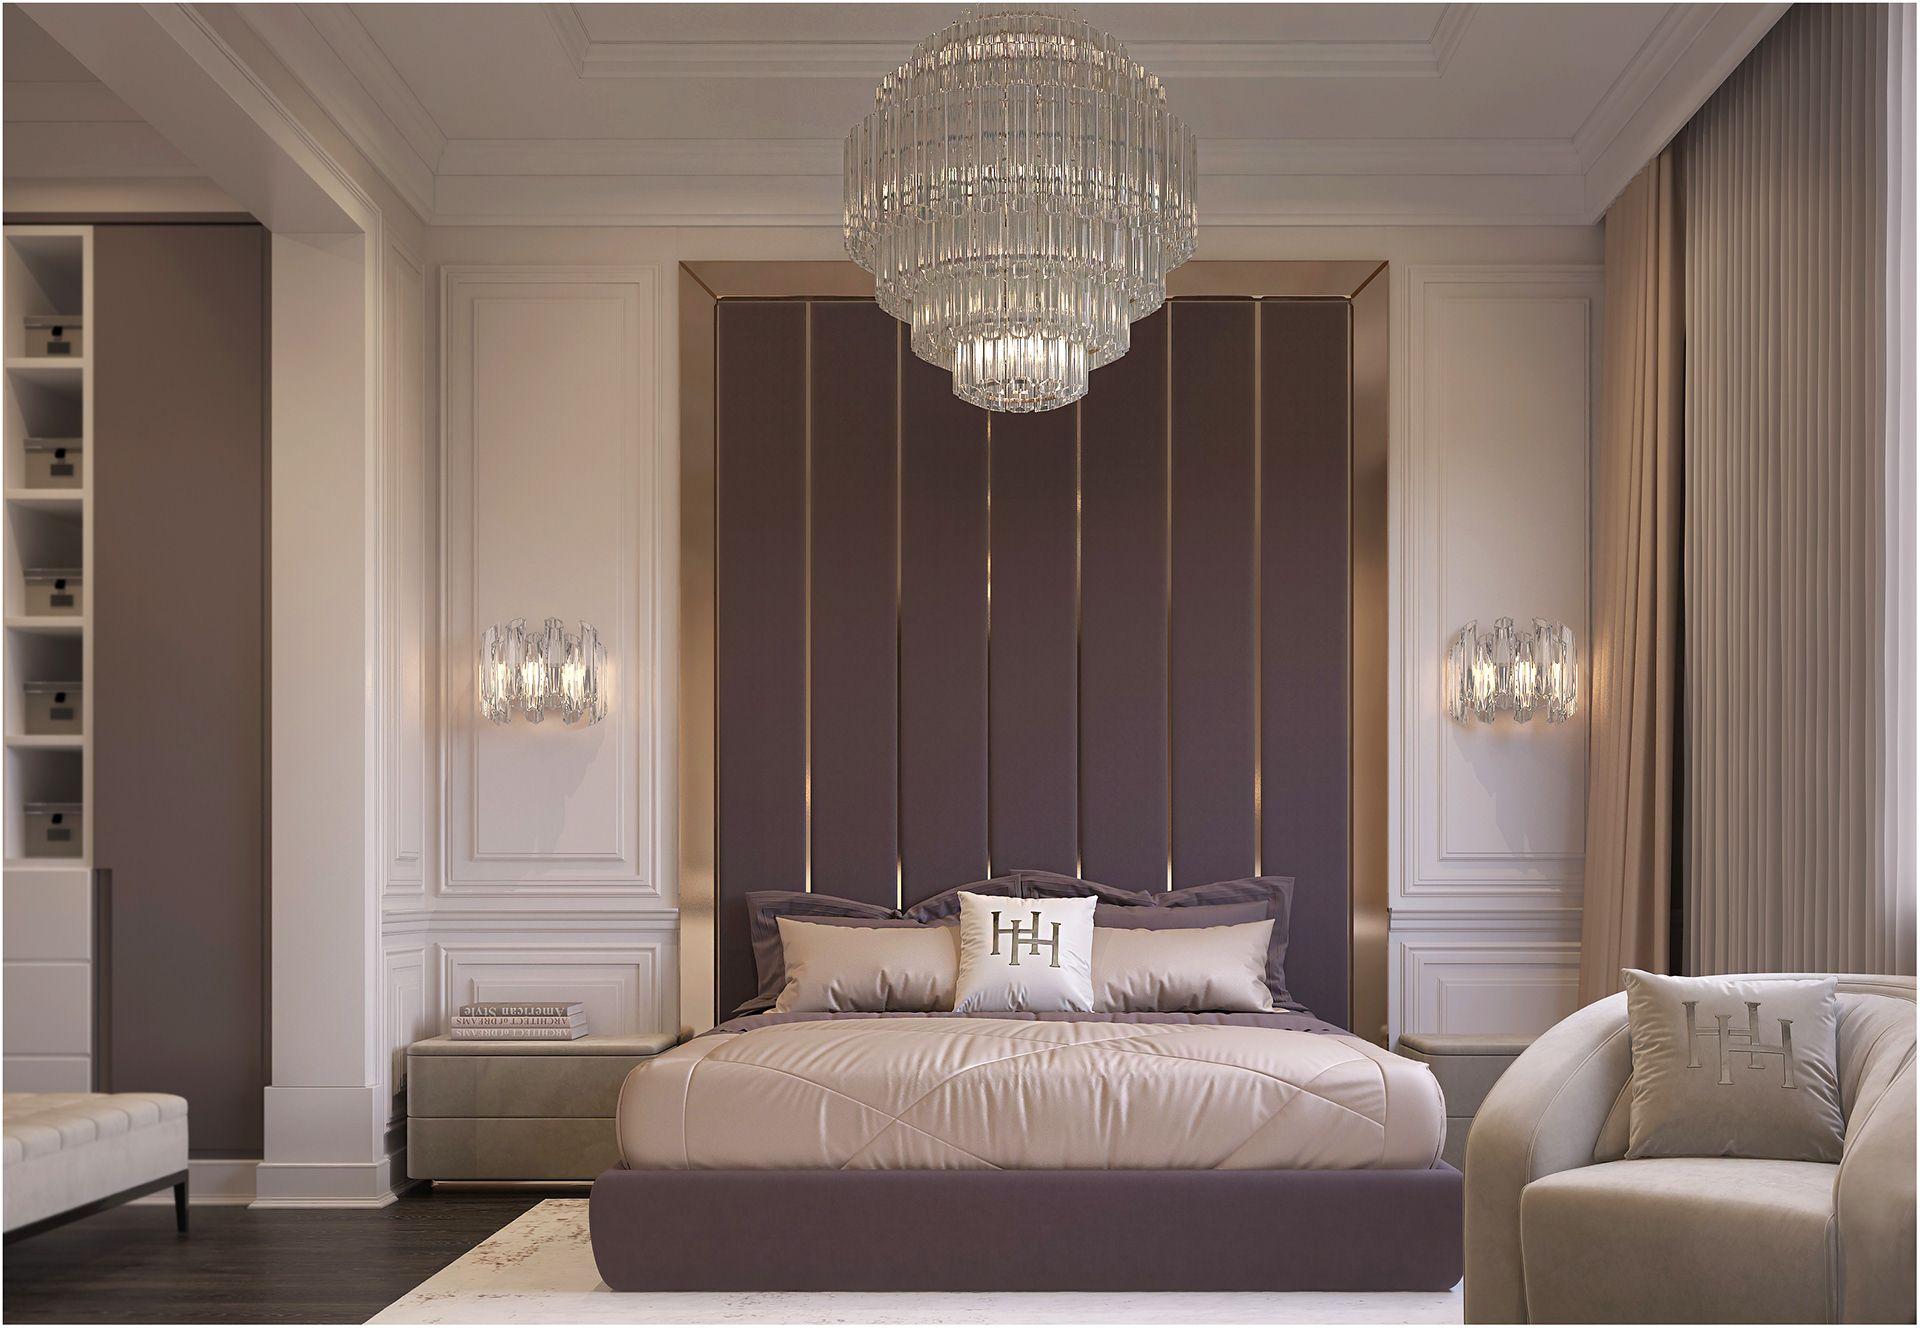 Bedroom design on Behance   Room design bedroom, Modern classic ...